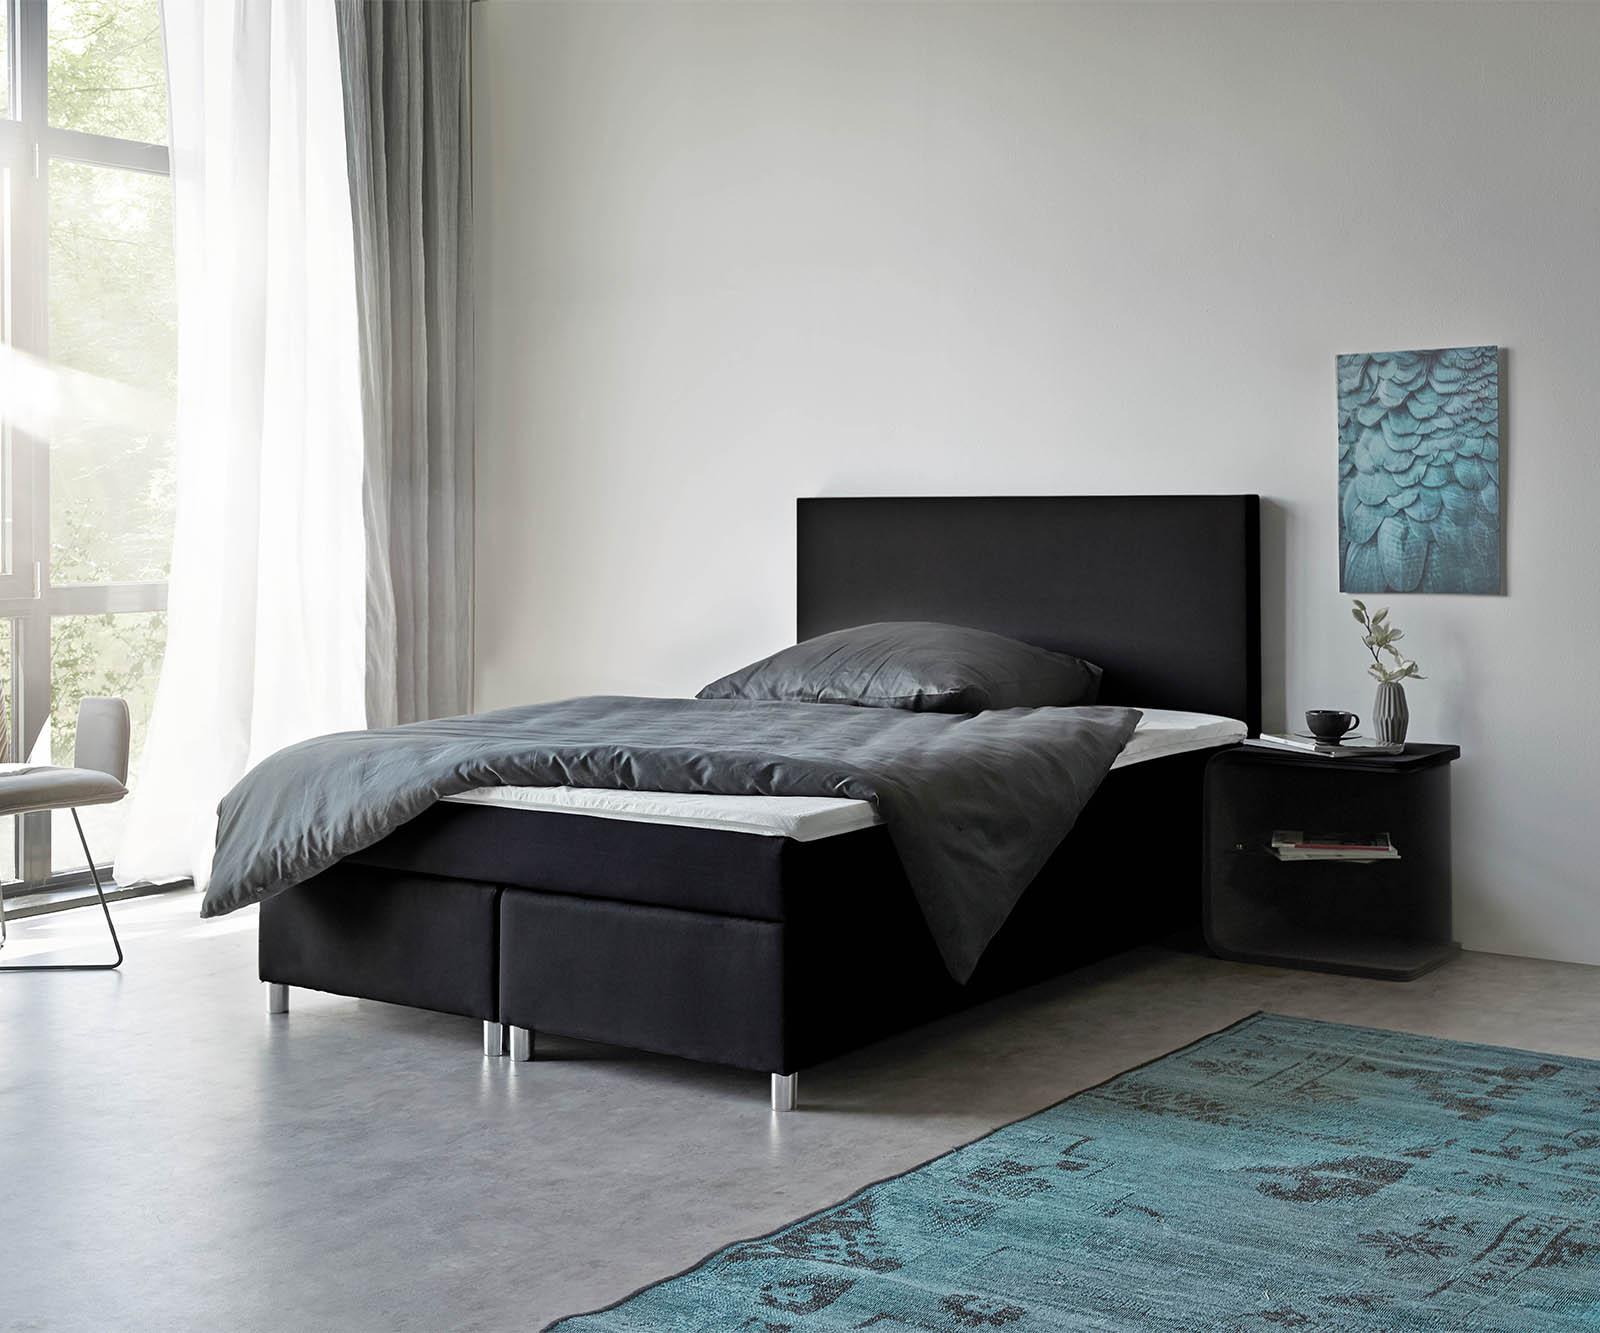 bett cloud schwarz 140x200 cm matratze und topper. Black Bedroom Furniture Sets. Home Design Ideas